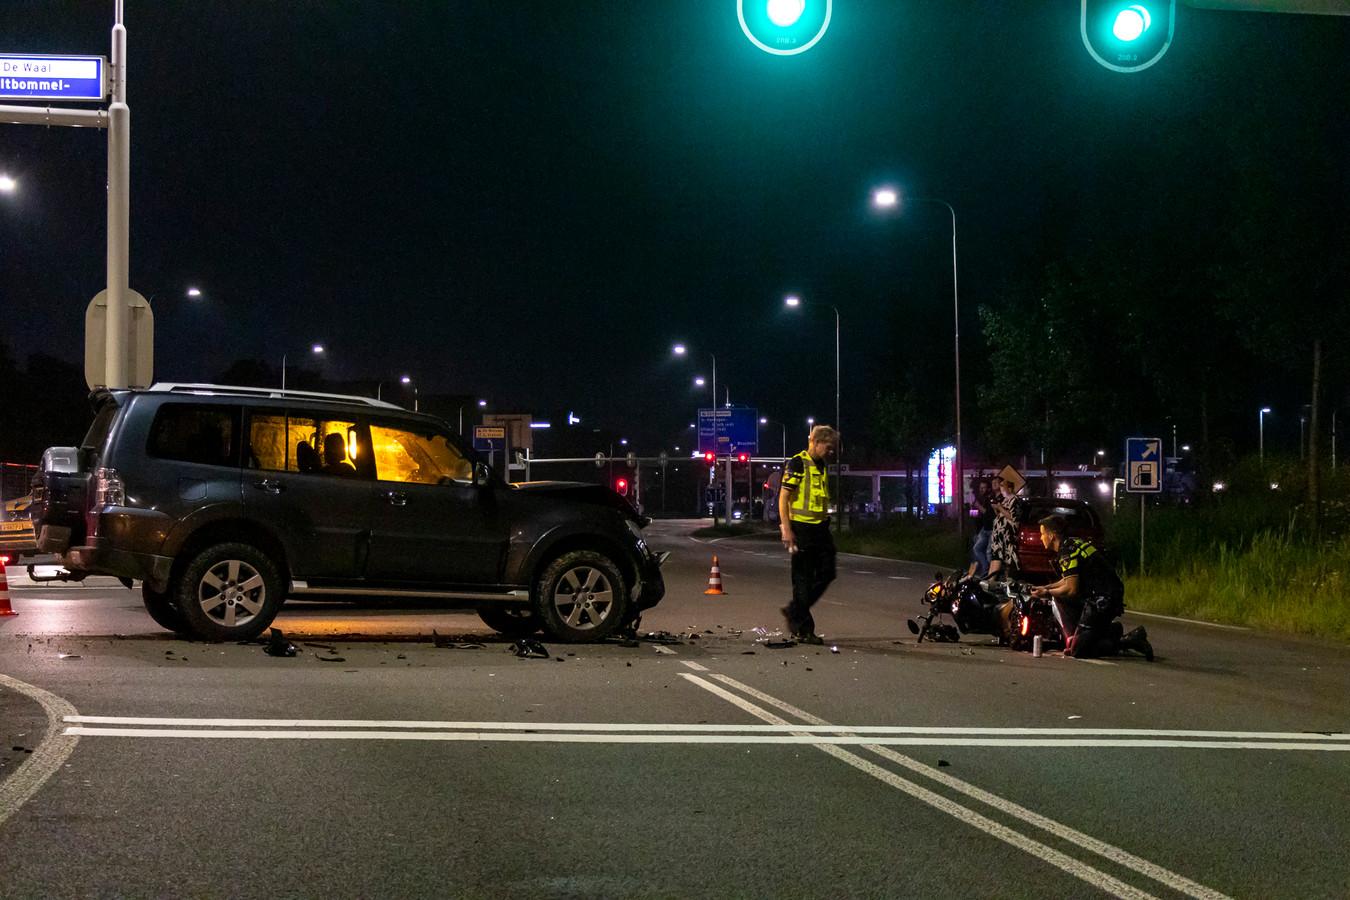 De politie doet onderzoek in Zaltbommel.